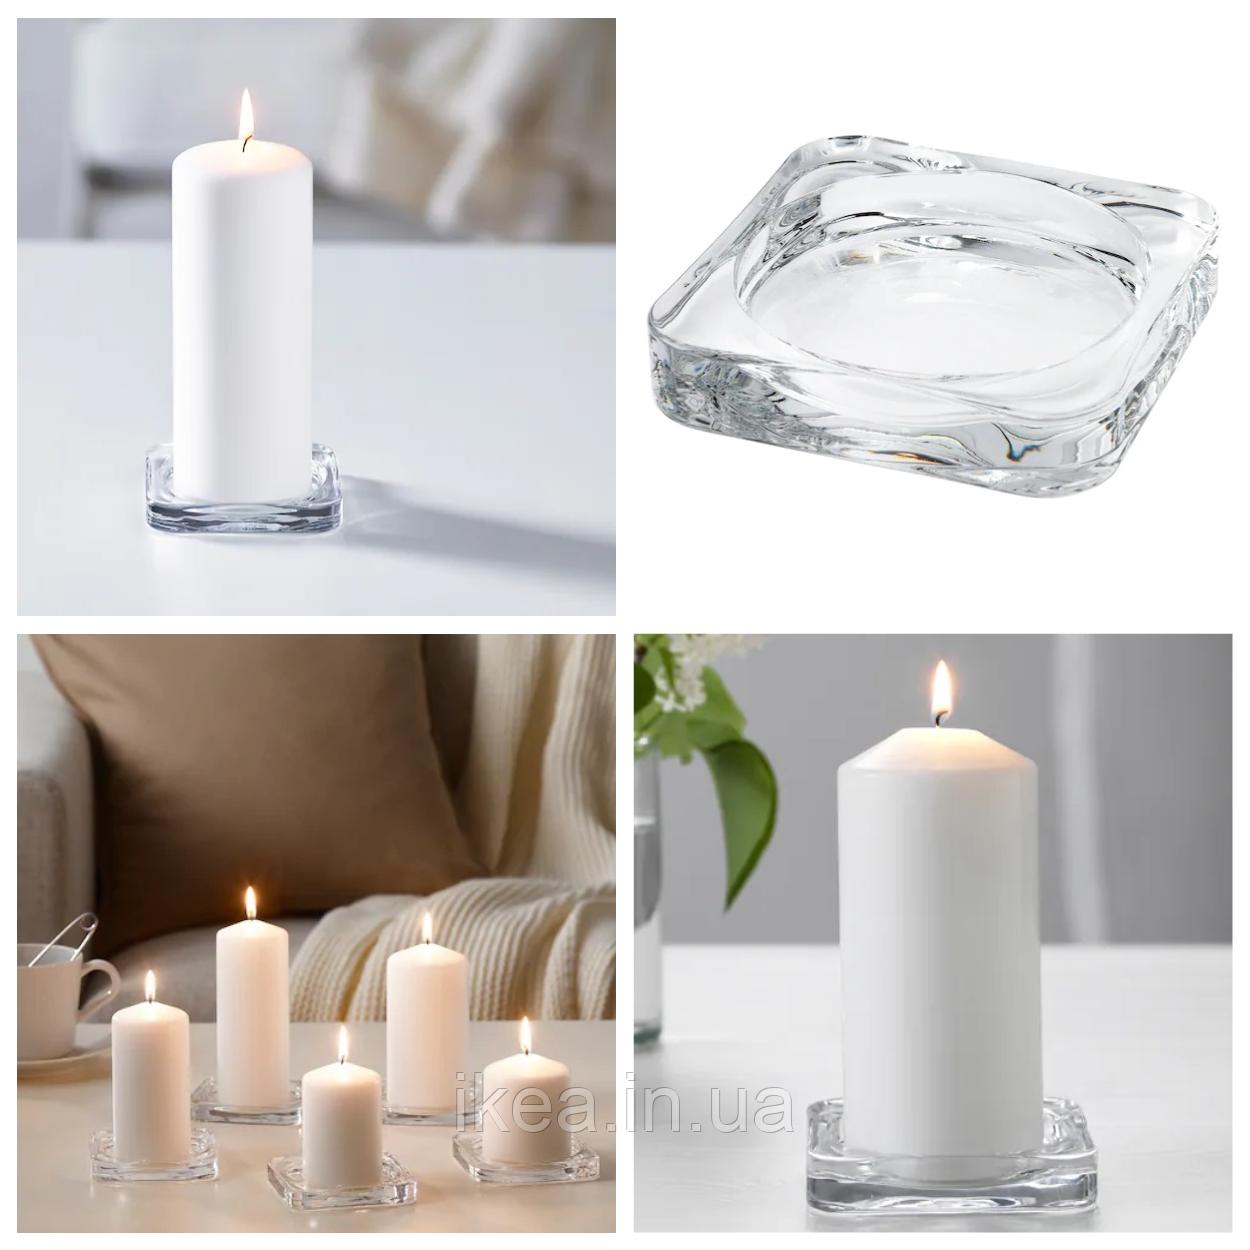 Підсвічник великий скляний для свічок 10x10 IKEA GLASIG прозоре скло ІКЕА ГЛАСІГ